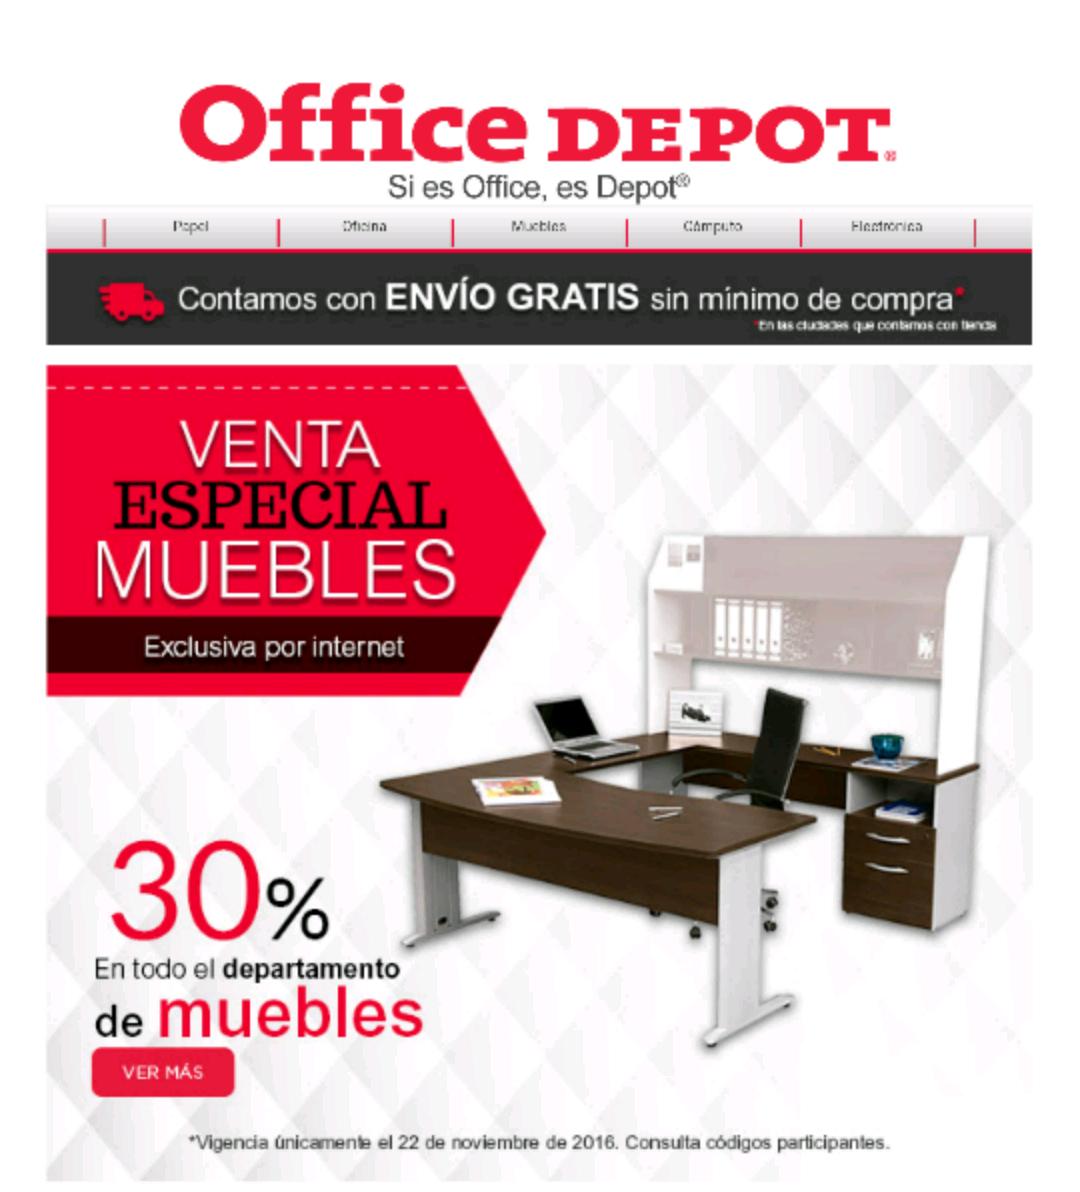 Office Depot en linea: 30% de descuento en el departamento de muebles.